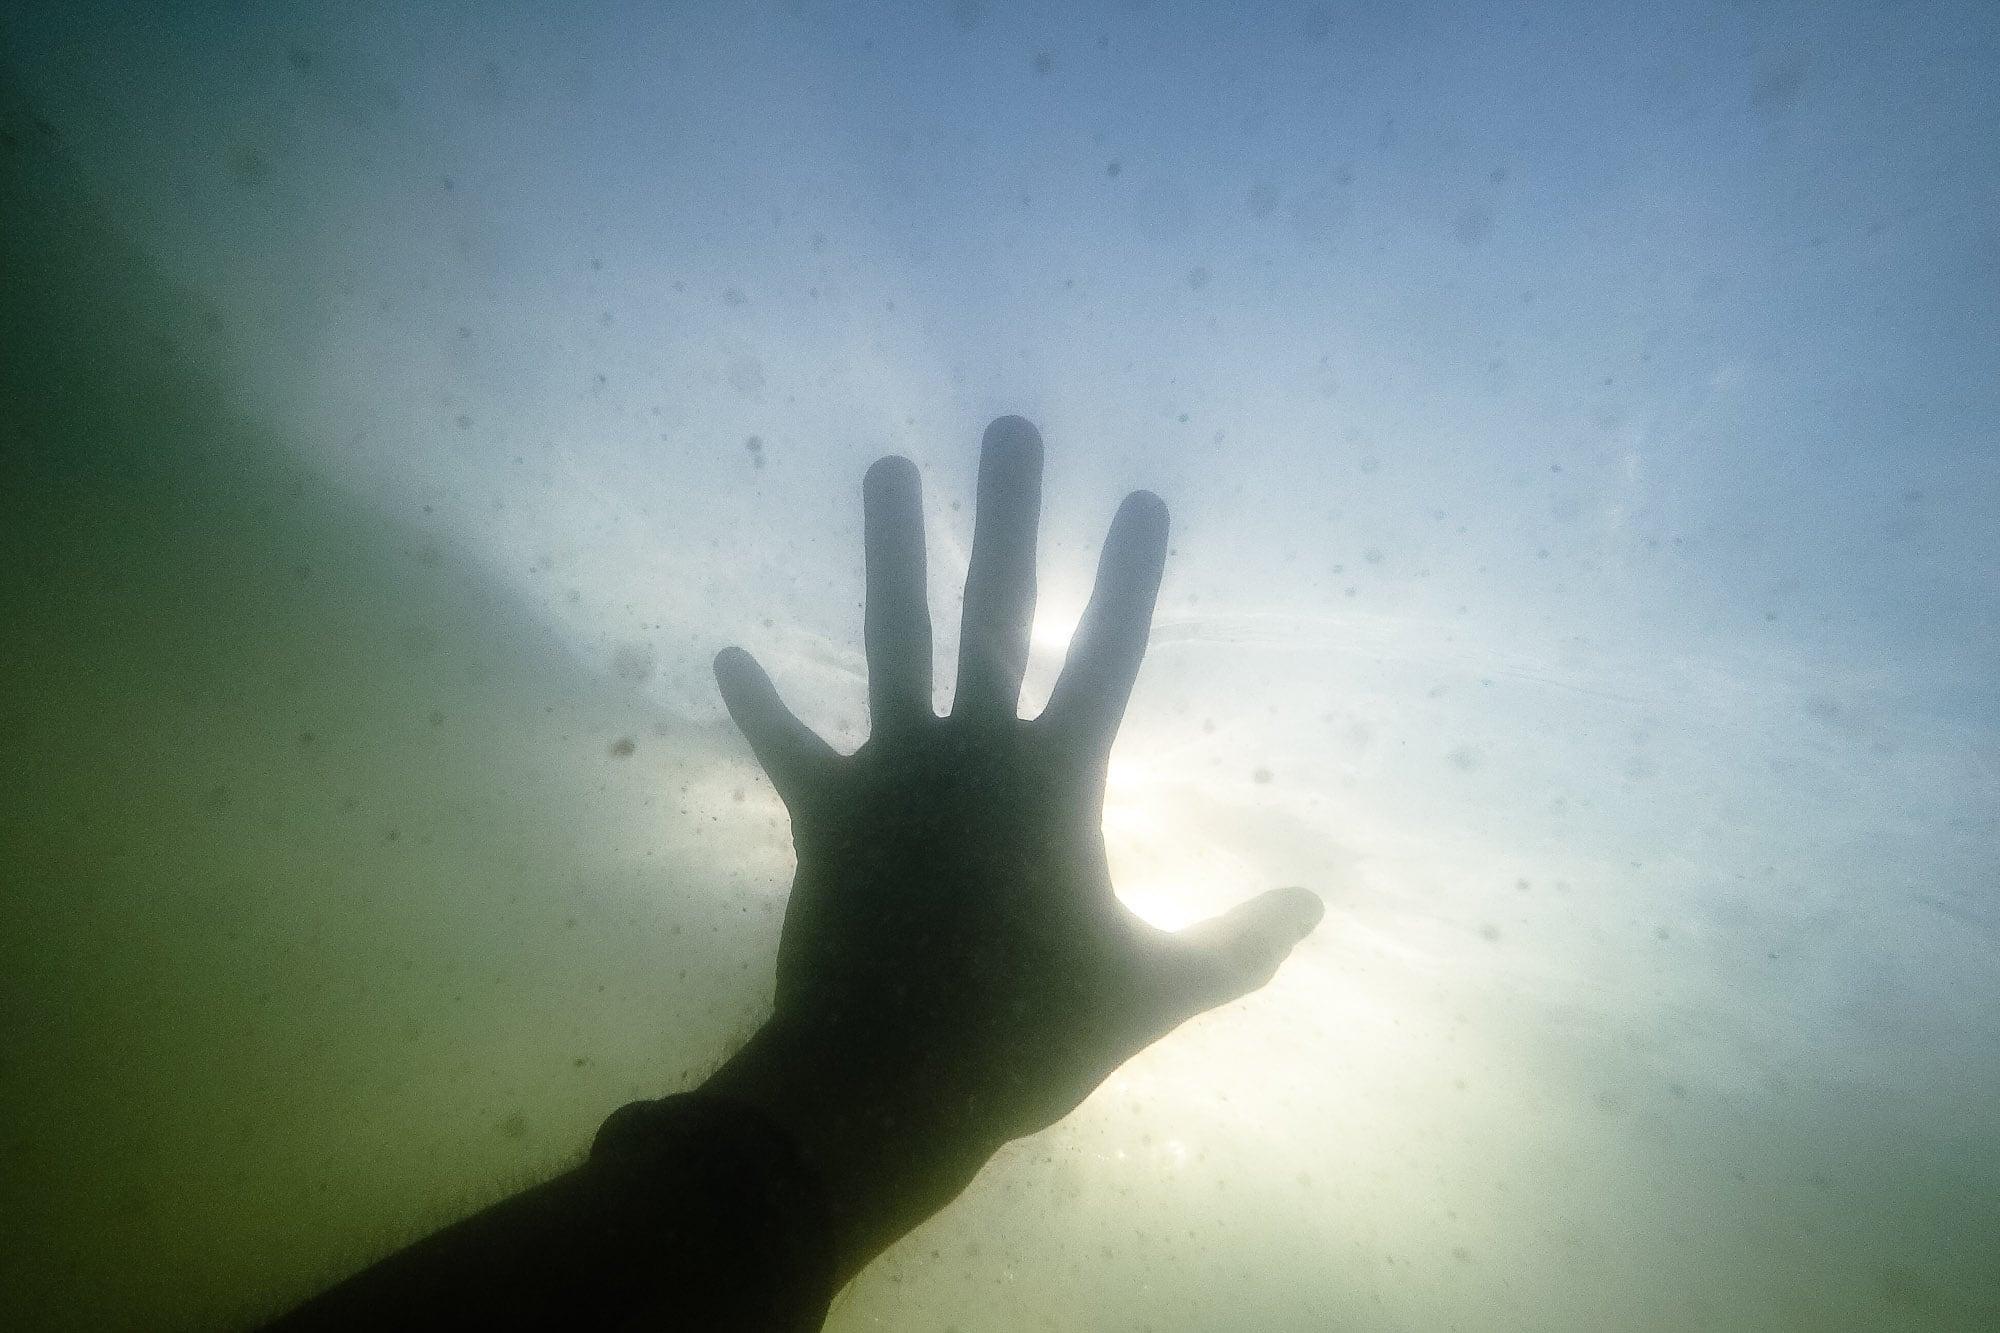 hand under water